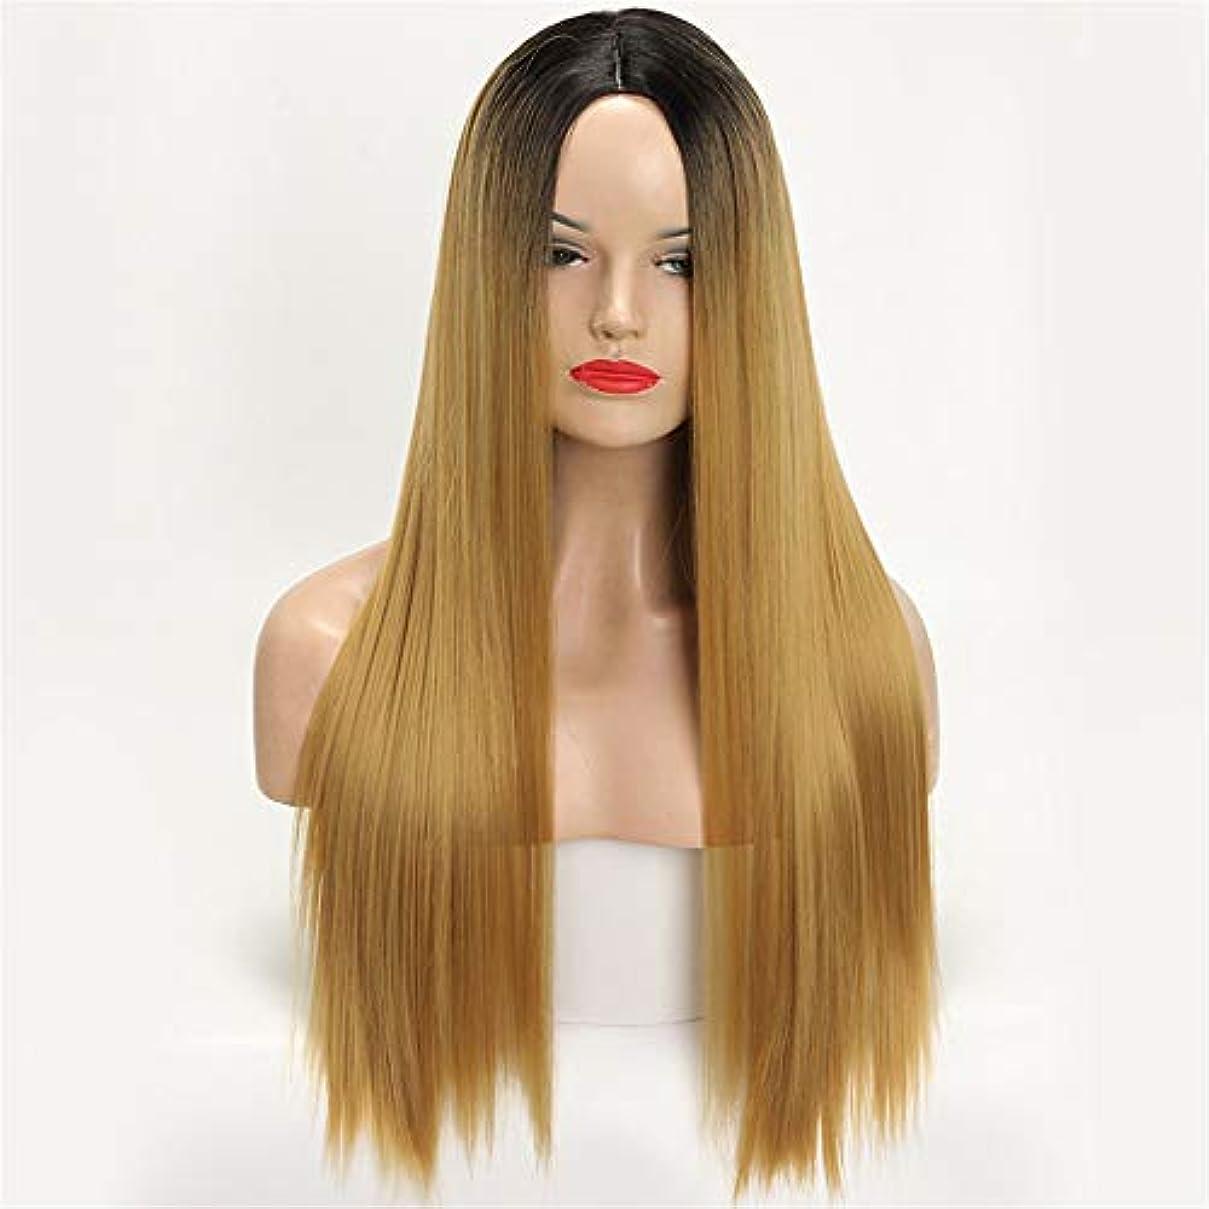 目に見える失態まとめるかつらロングストレートヘア女性勾配化学繊維フードオンブルブラックブロンドロングストレート高温合成繊維ウィッグ女性用ウィッグ30インチ